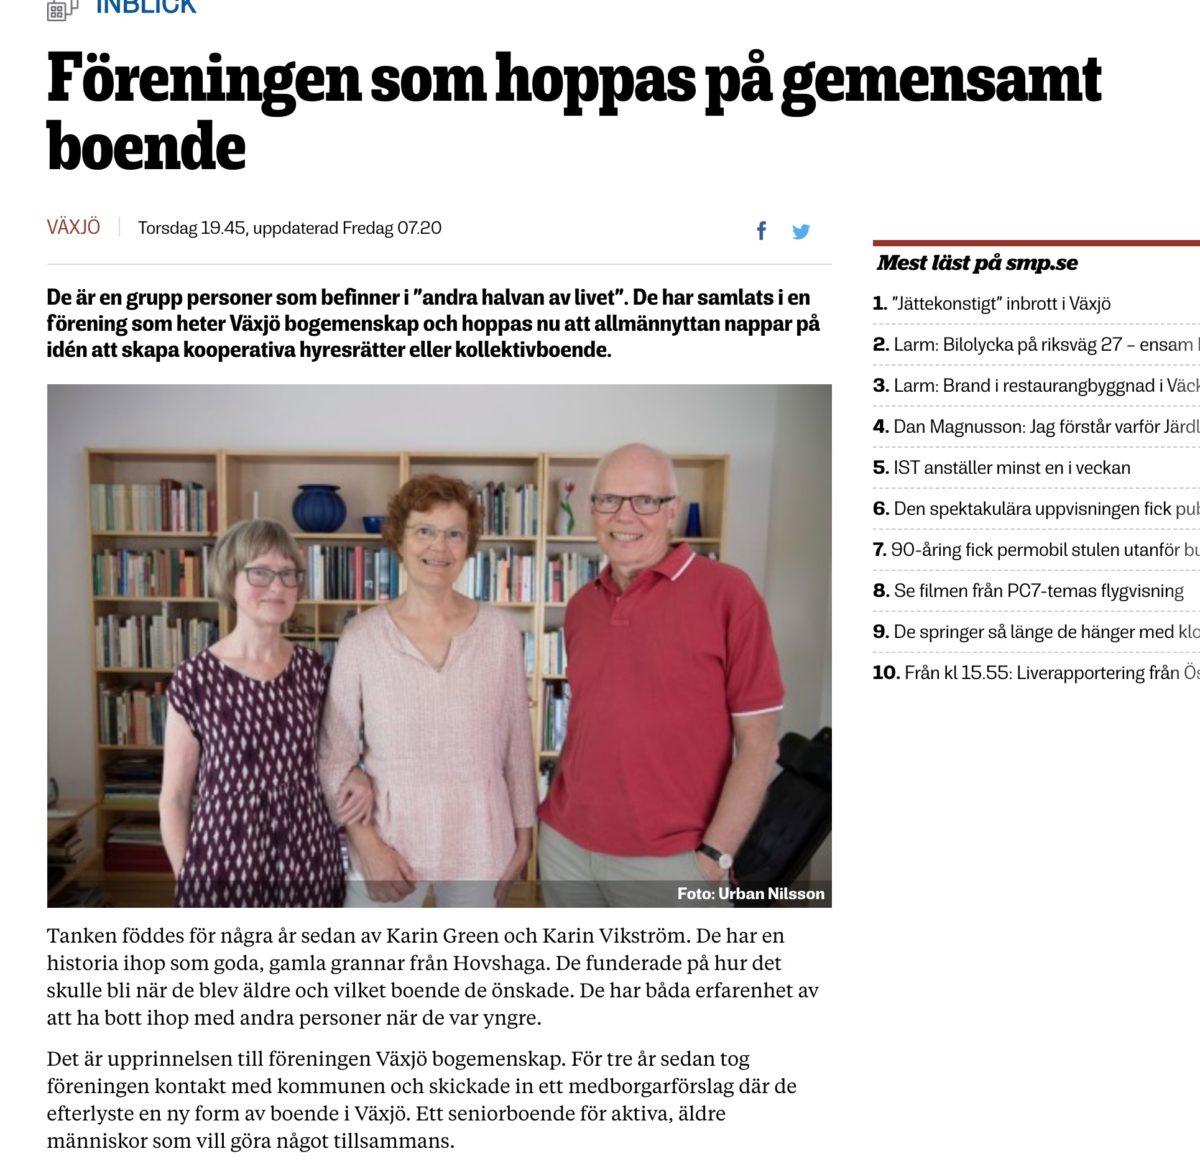 Föreningen som hoppas på ett gemensamt boende i Växjö